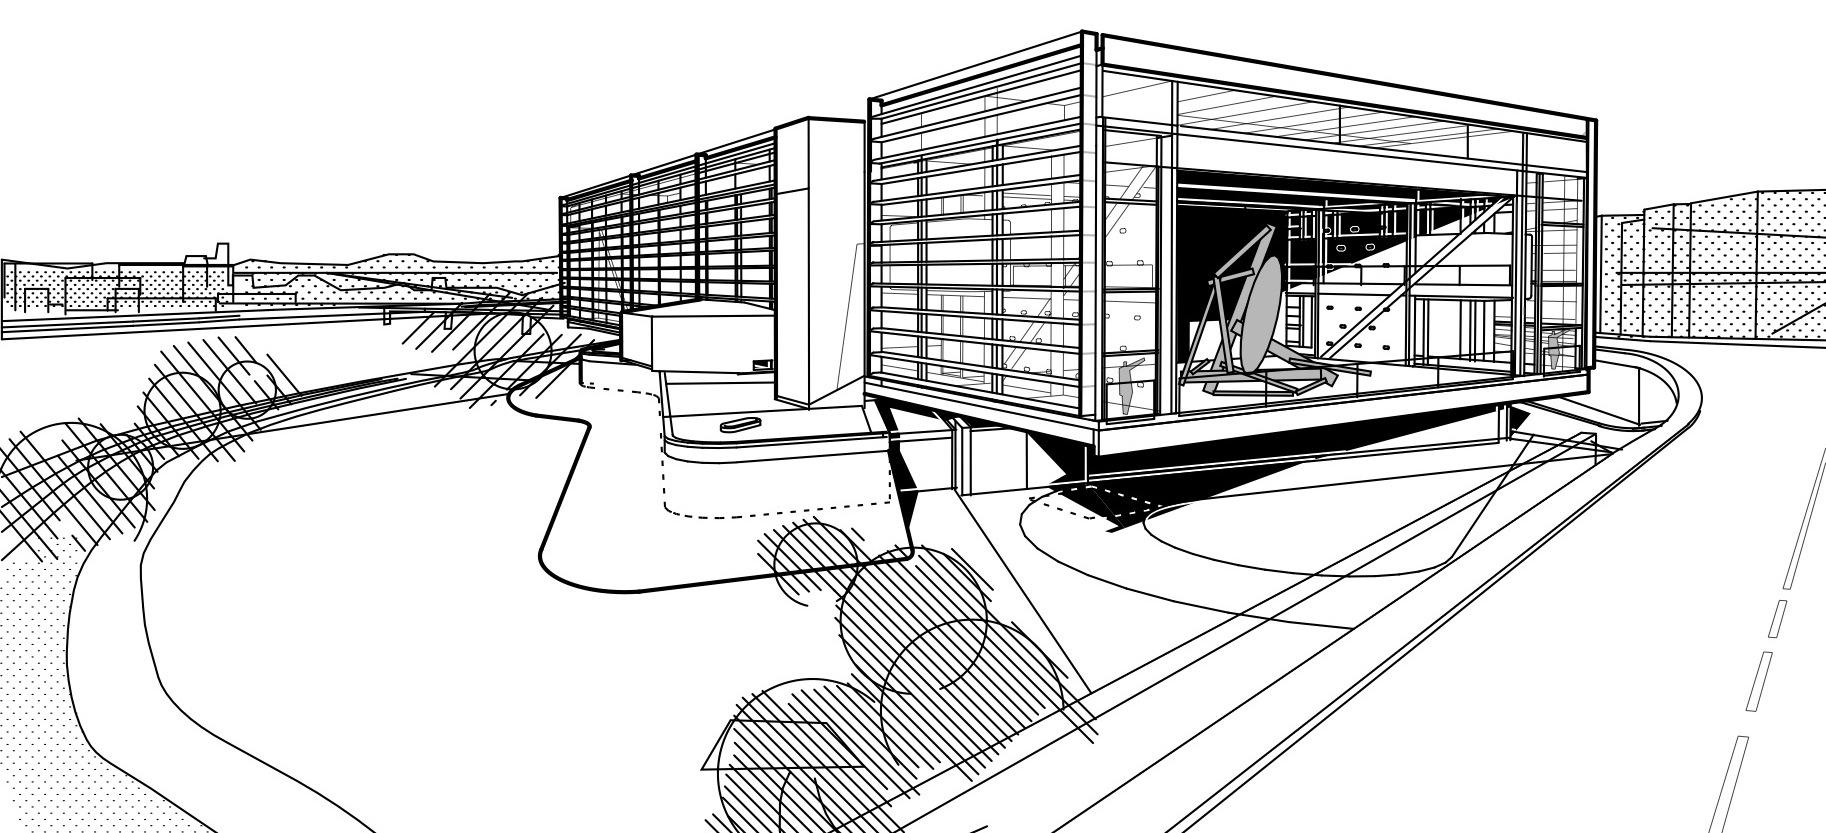 Queensland gallery of modern art jones partners architecture for Jones architecture